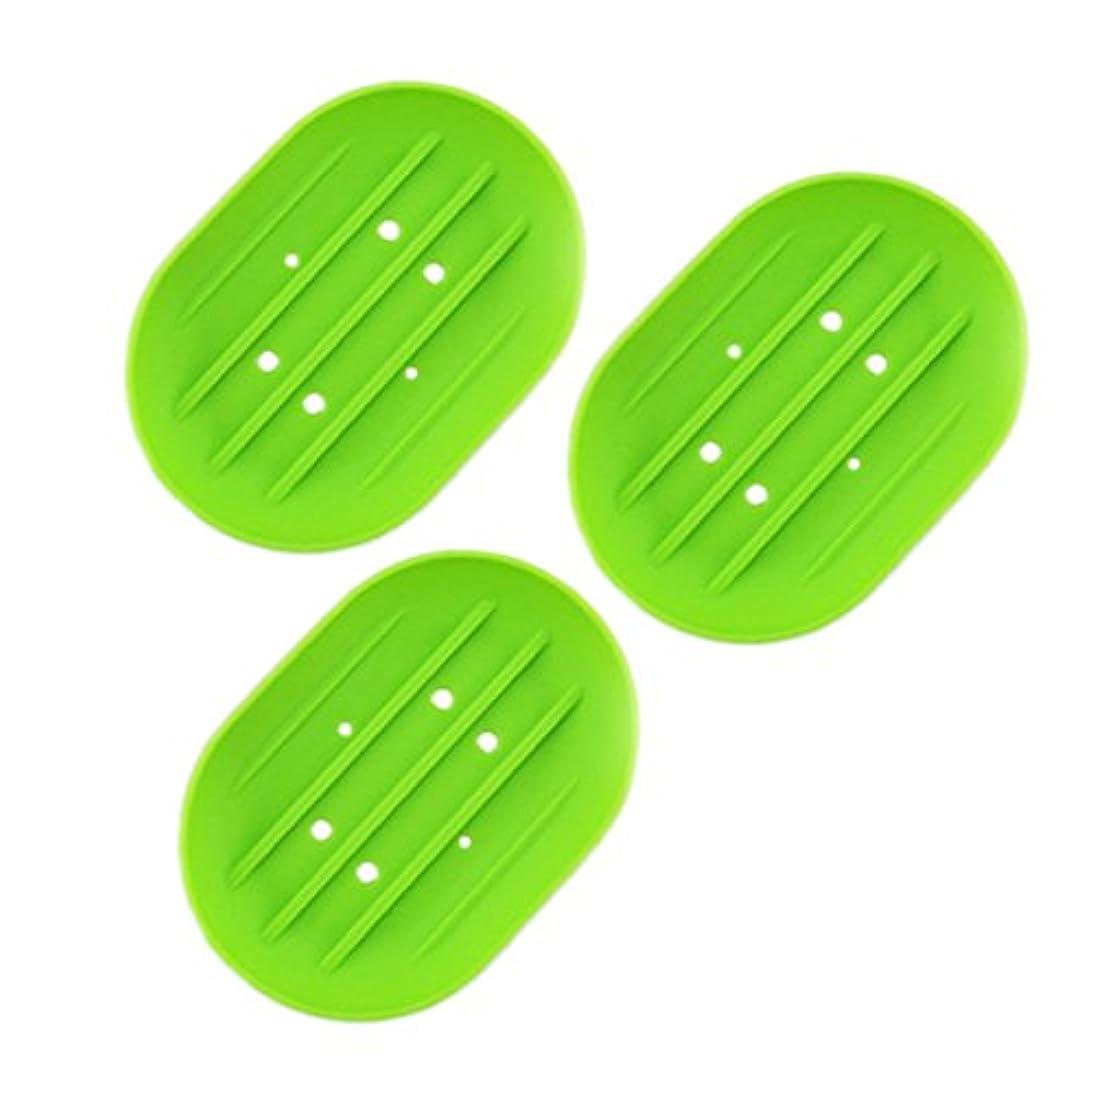 安心旋回修理可能BESTOMZ ソープディッシュソープホルダー, 石鹸トレイ乾燥石鹸バー 浴室用キッチン用3連グリーン用